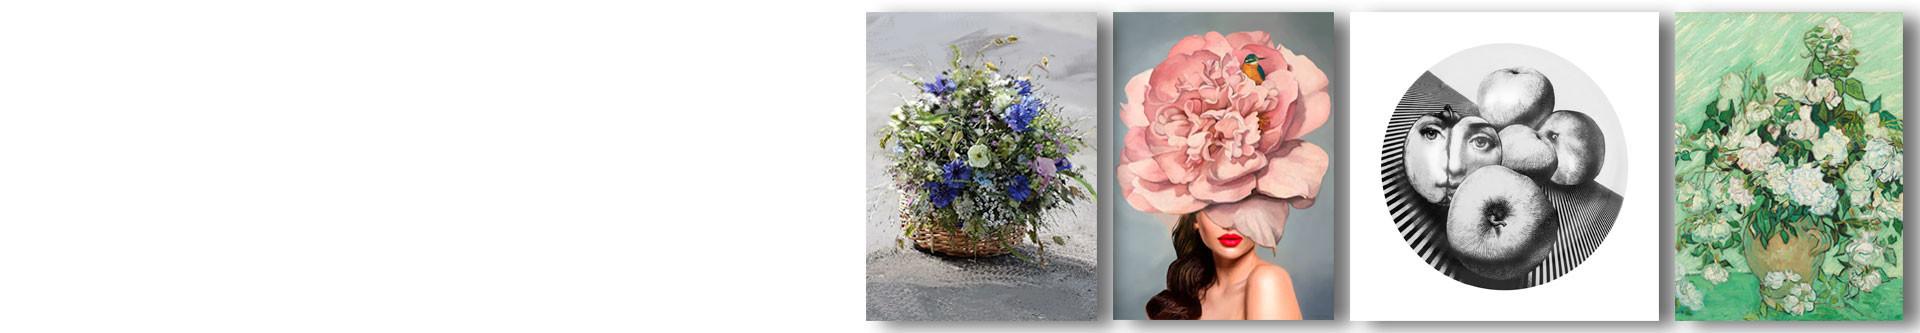 Eleganckie obrazy do jadalni w stylu glamour, piękne grafiki na płótnie do stylu skandynawskiego i prowansalskiego, obrazy do jadalni klasycznej i nowoczesnej.